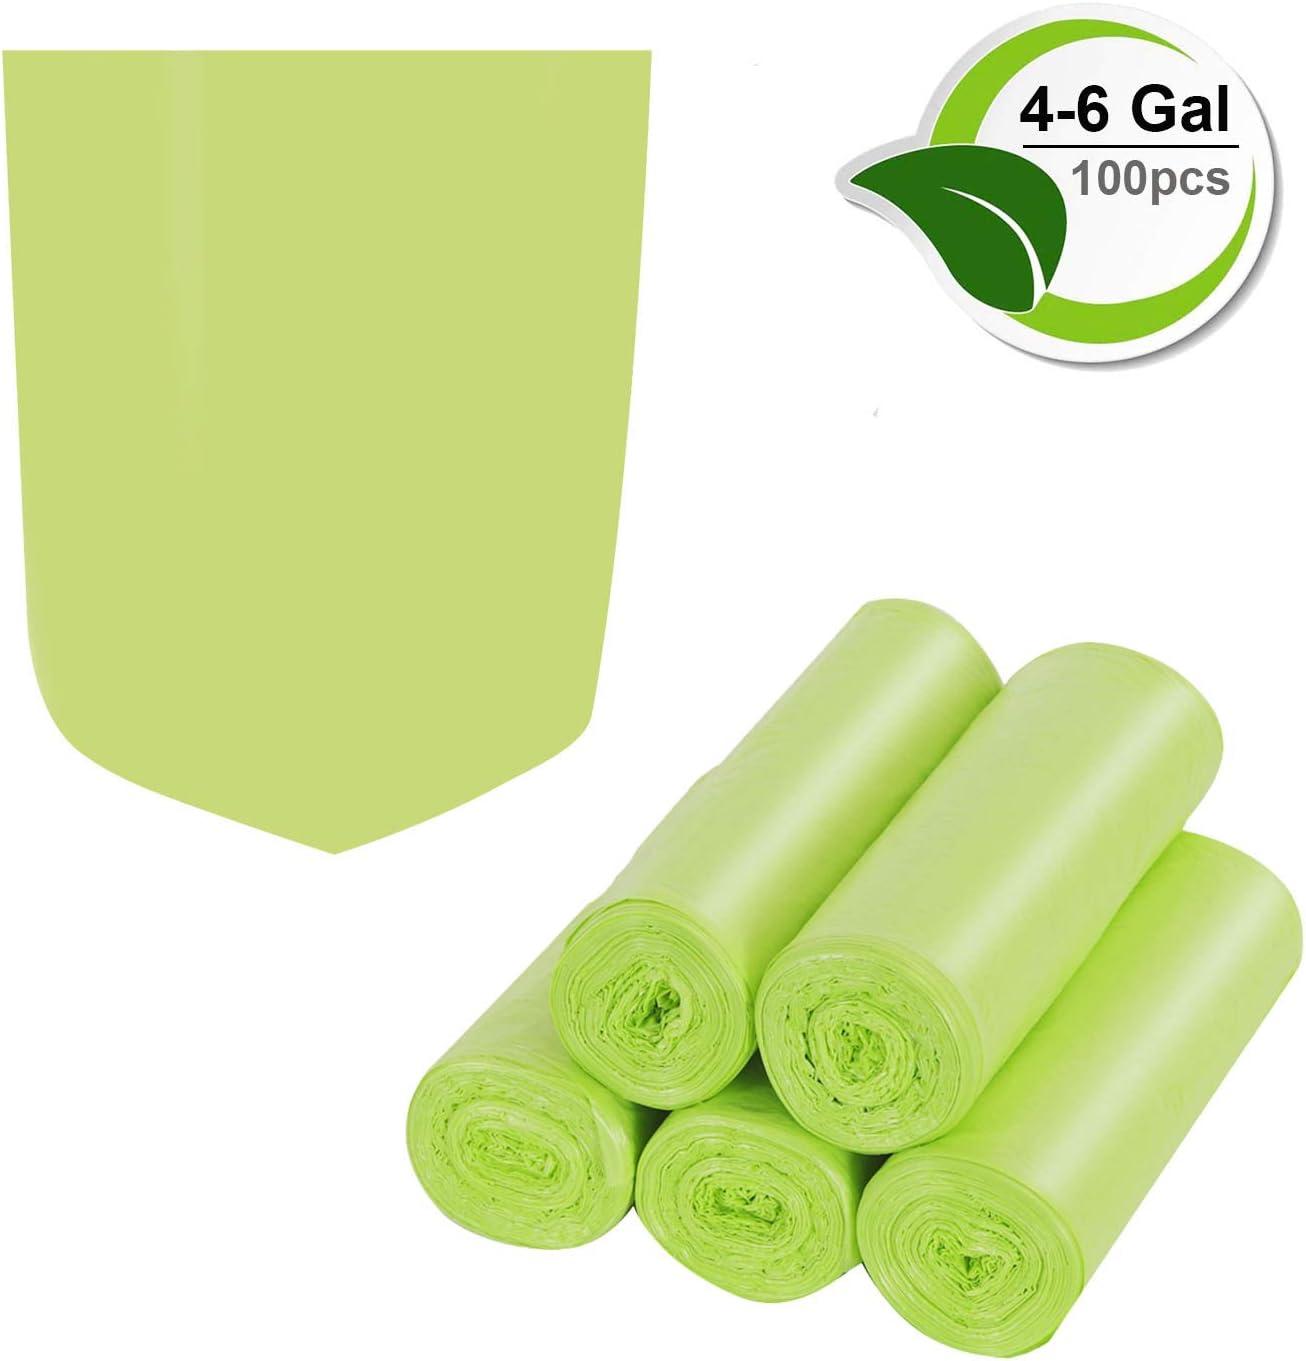 Amazon.com: Bolsas de basura biodegradables, bolsas de ...